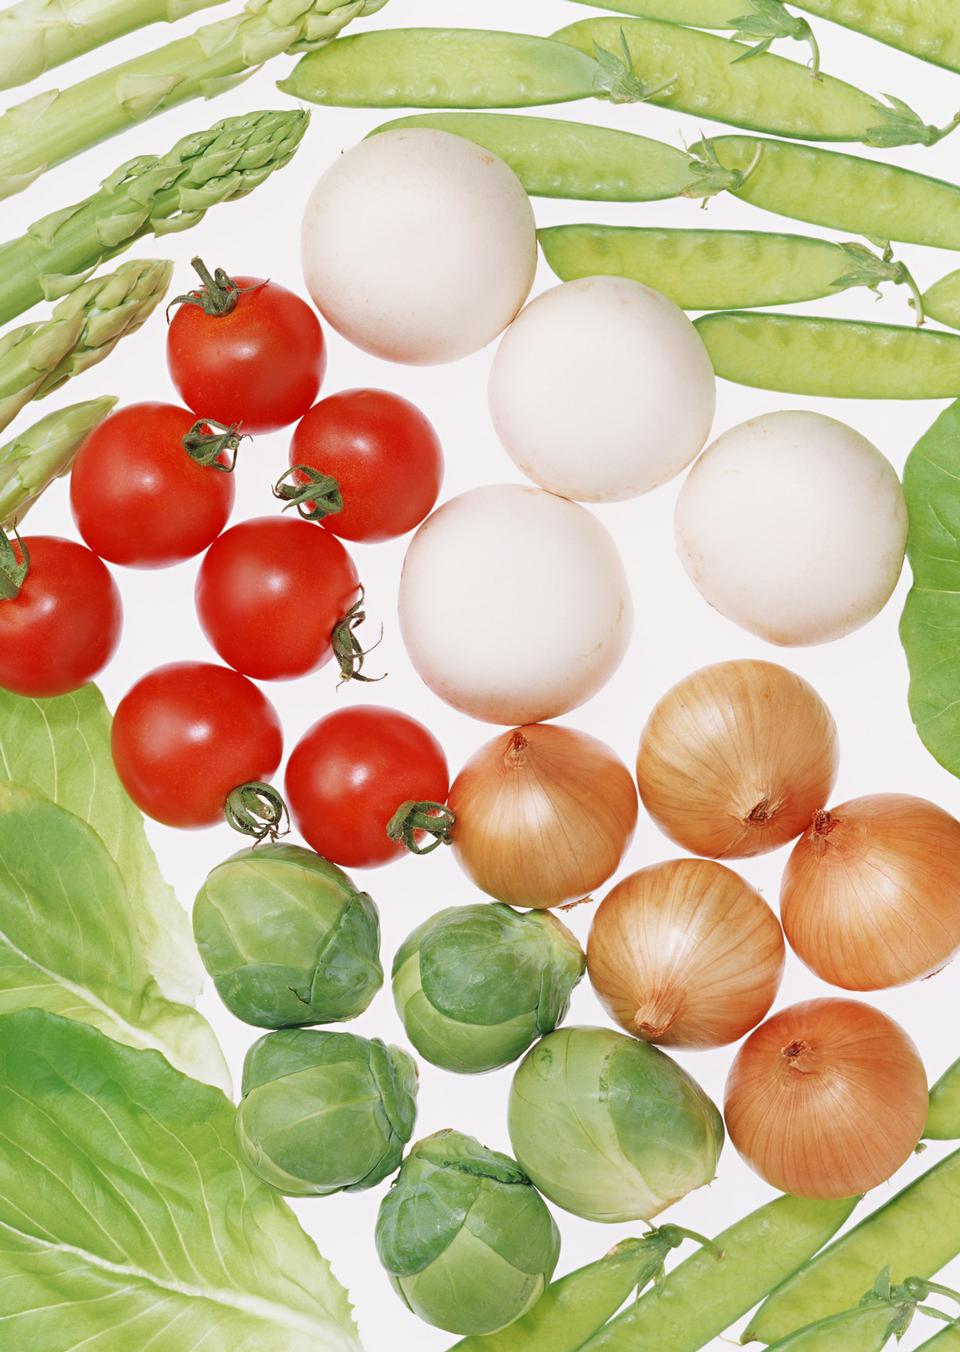 背景从大量的新鲜番茄和蔬菜制成